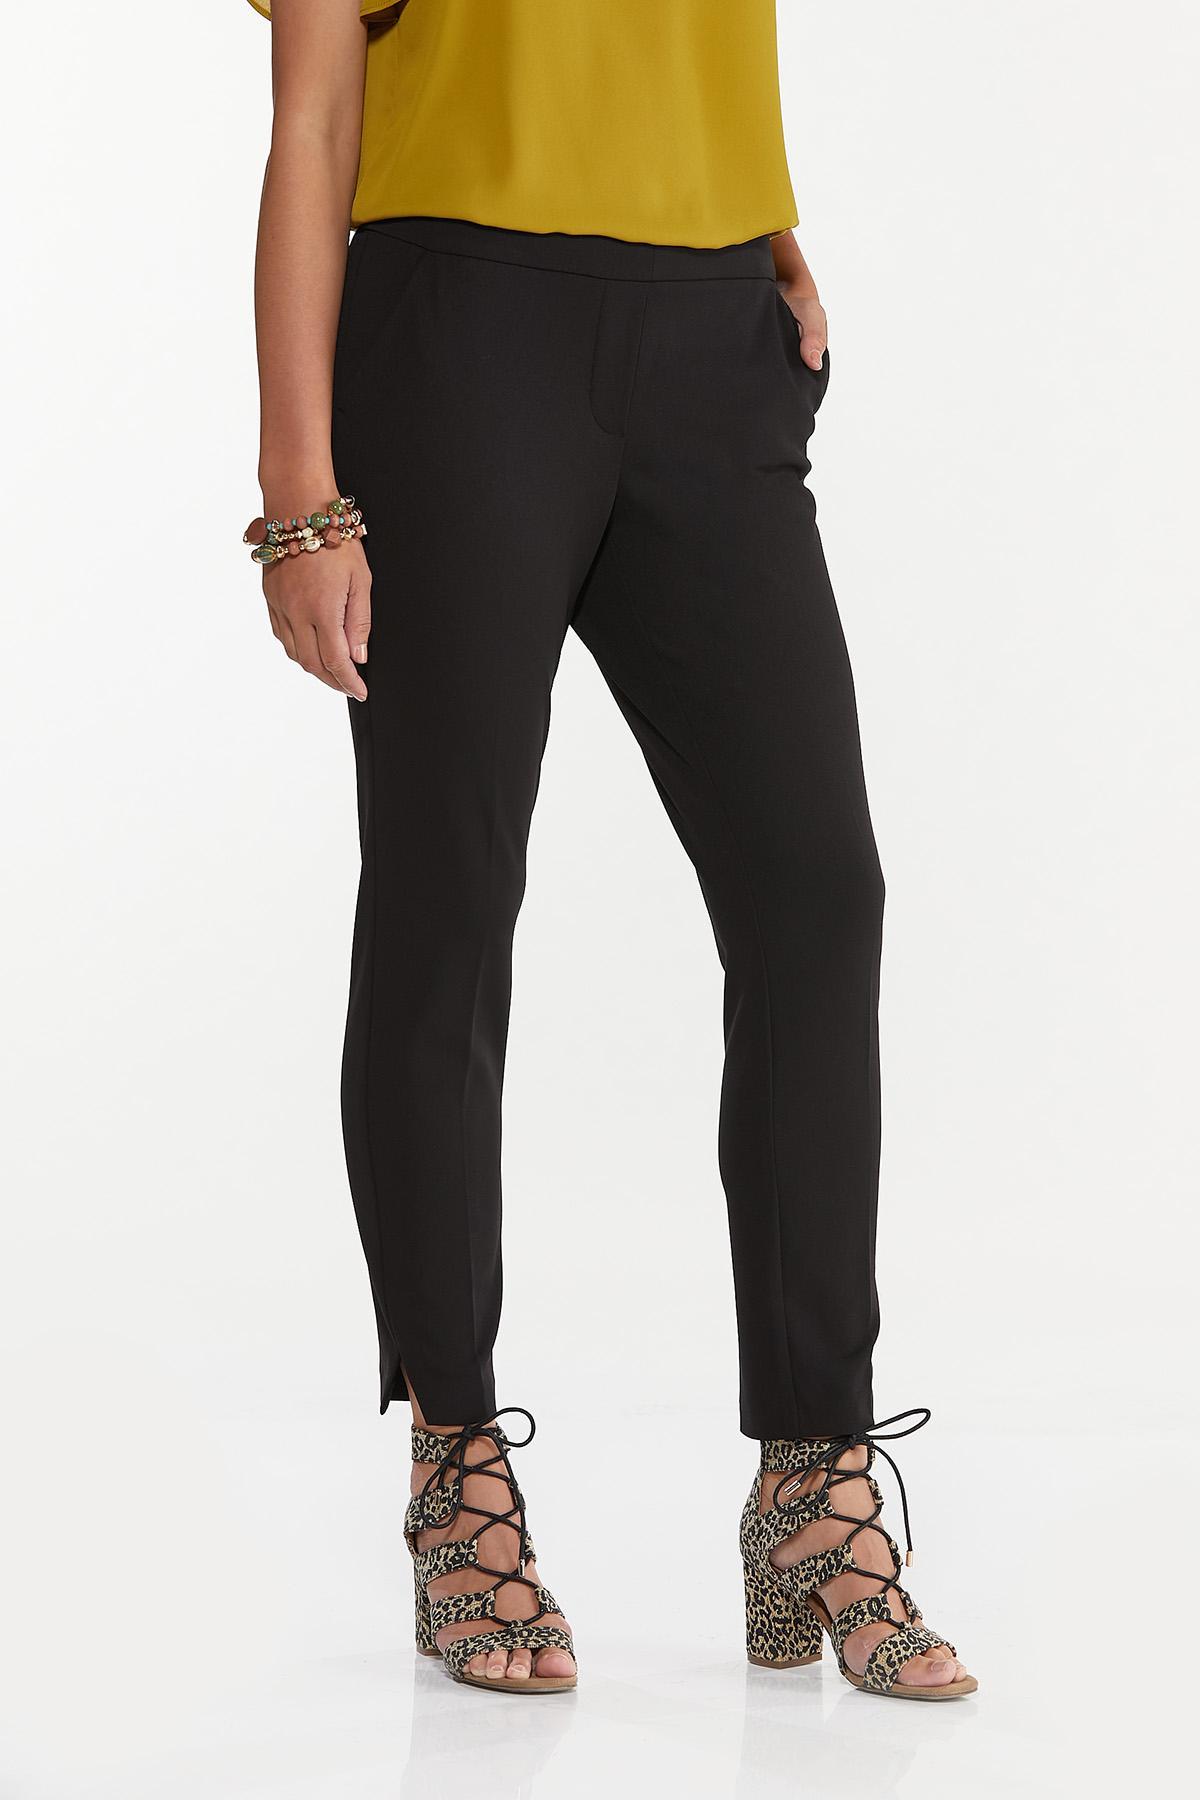 Petite Slim Pull-On Pants